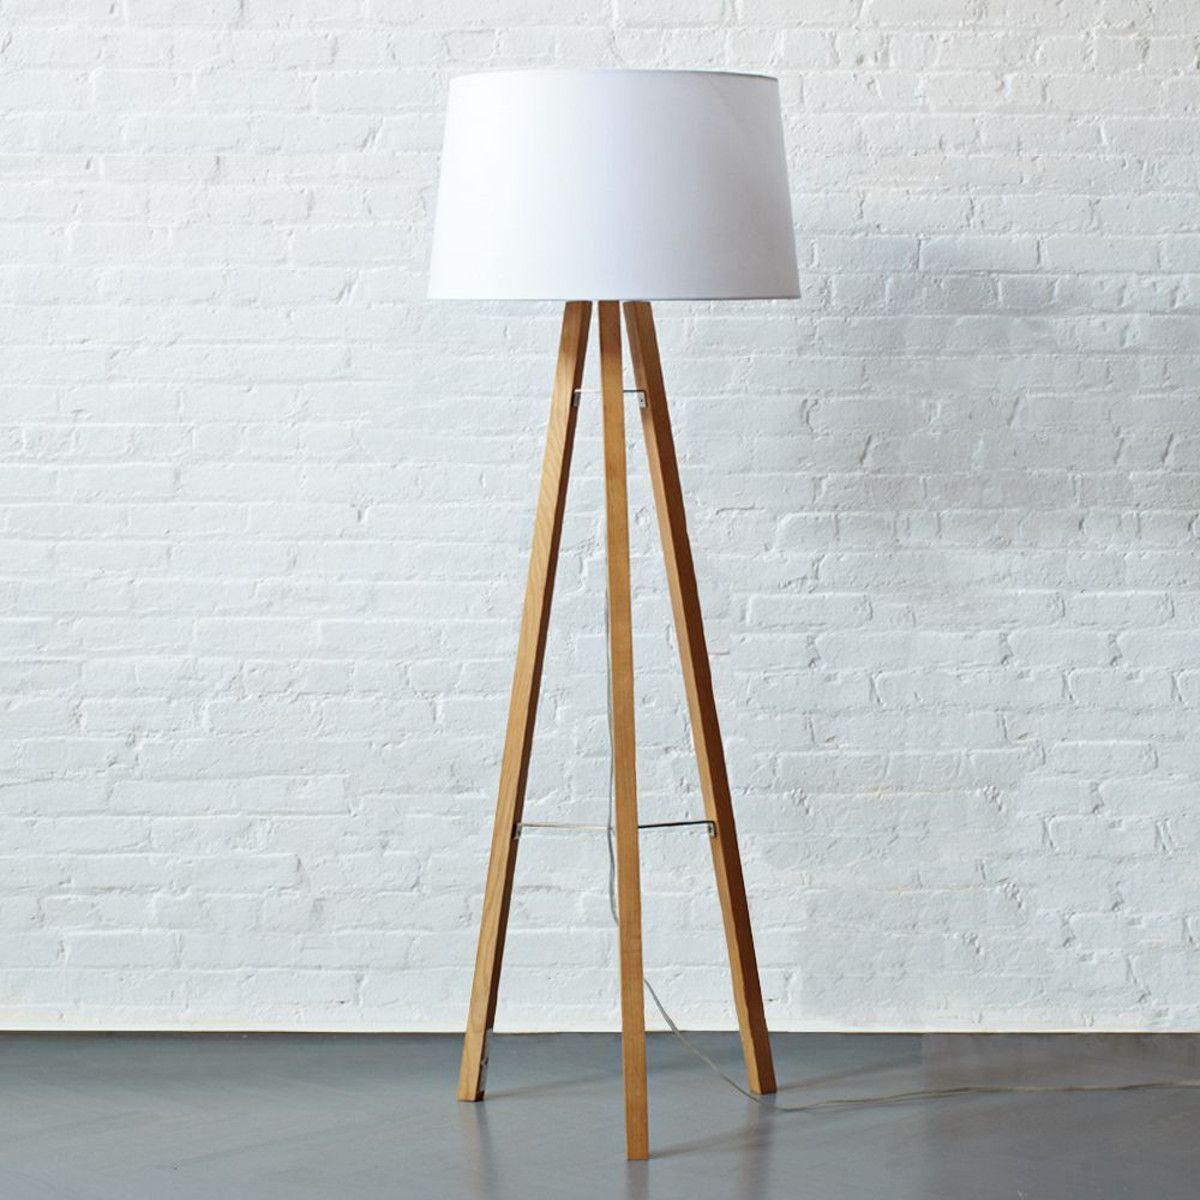 Tripod Wood Floor Lamp Wooden Floor Lamps Floor Lamp Bedroom Wood Floor Lamp